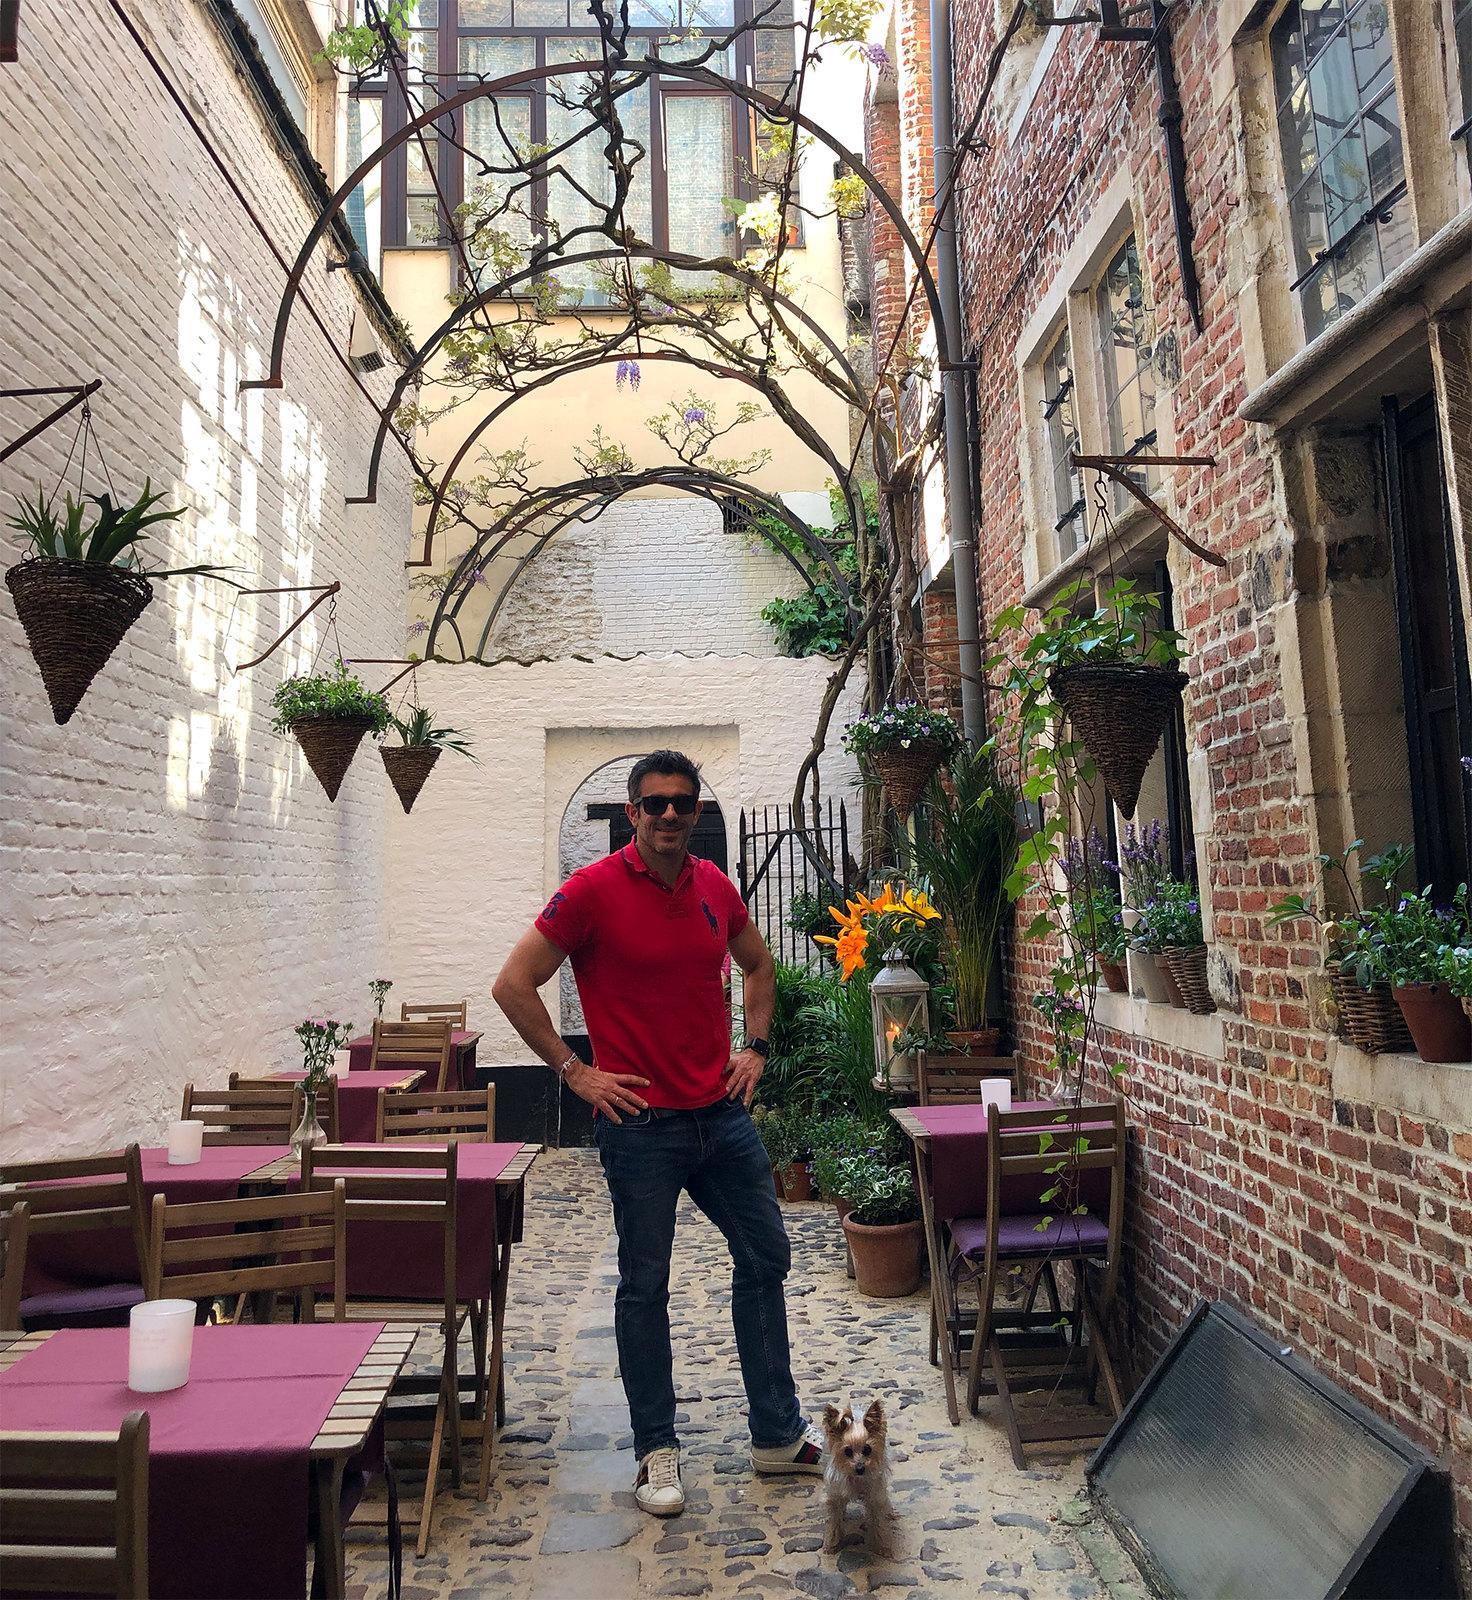 Visitar Amberes en un día, Antwerp in a day, Bélgica, Belgium amberes en un día - 48260797221 266c1da680 h - Amberes en un día